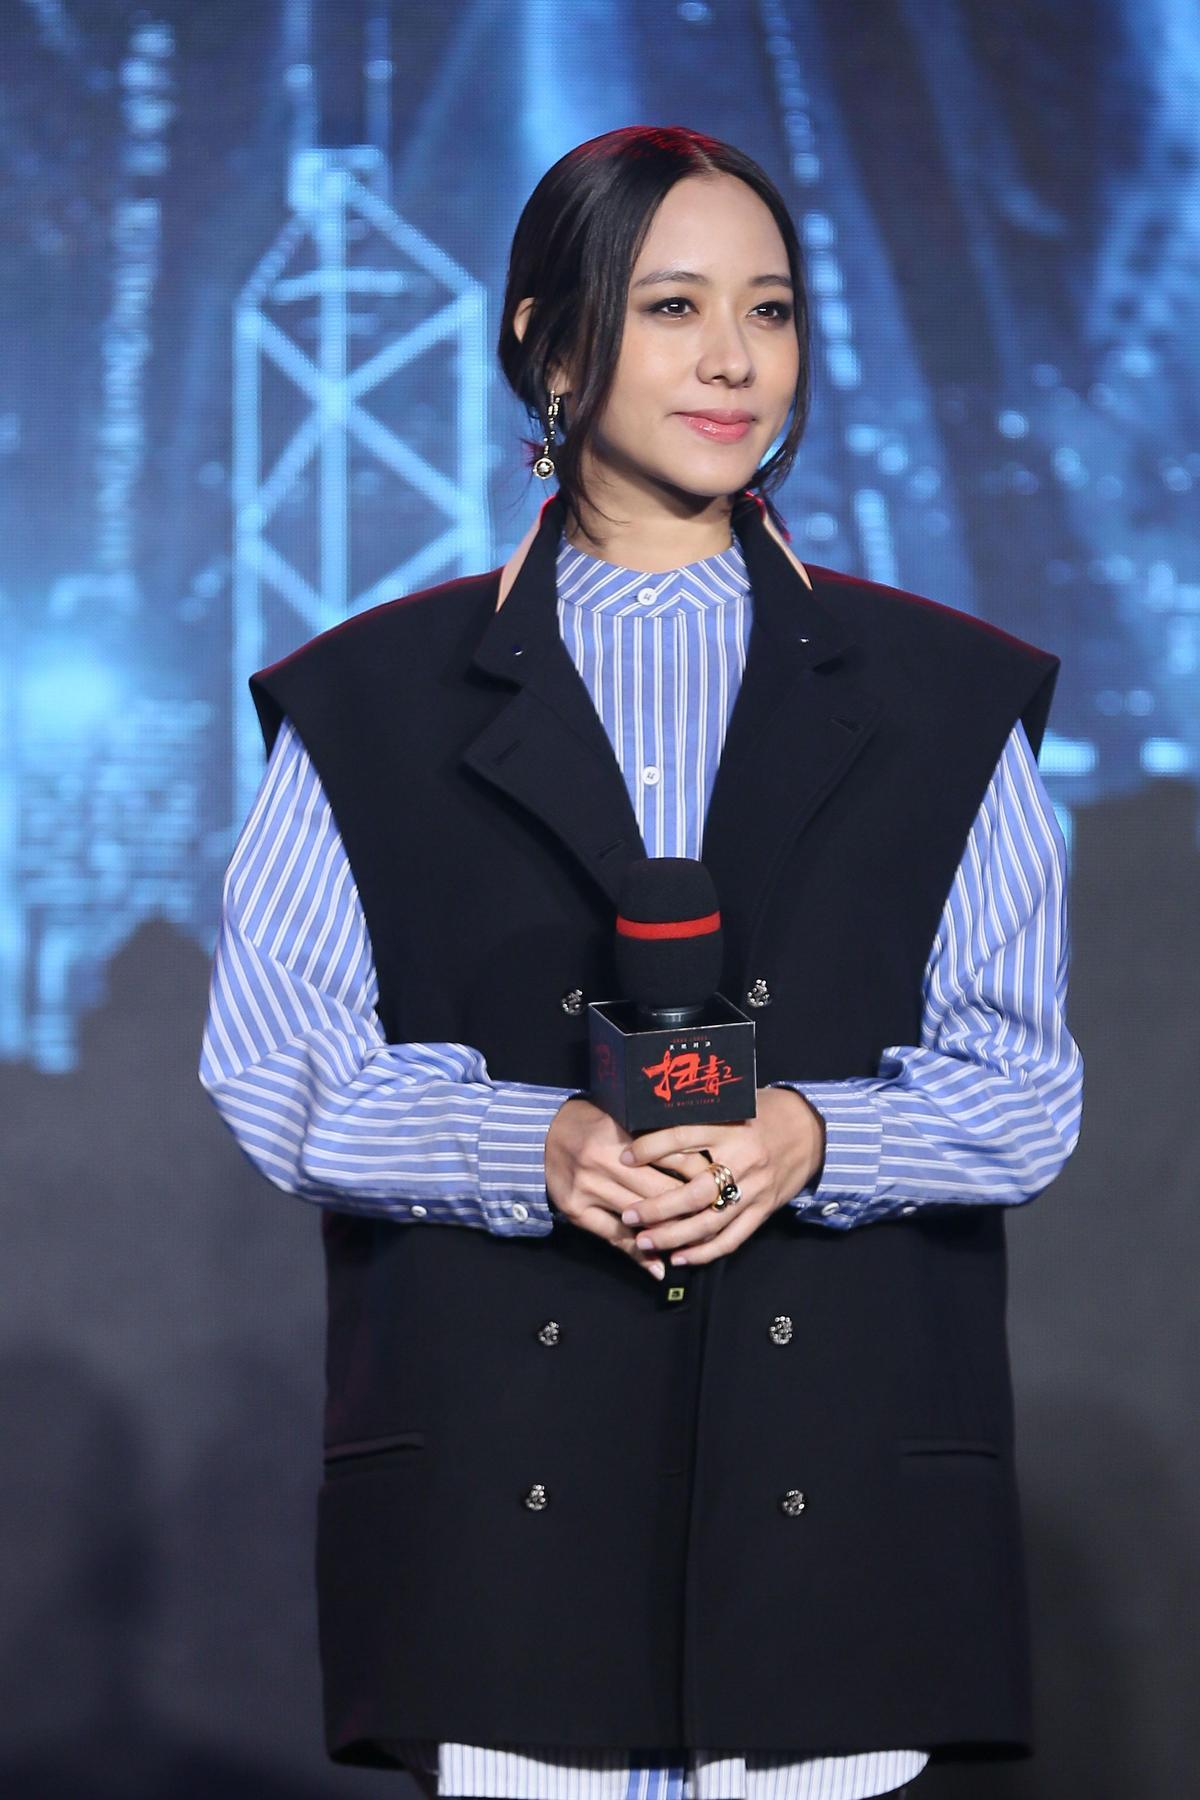 林嘉欣在片中飾演劉德華的老婆,但她在片中因為頸紋明顯,話題居然上了微博熱搜。(華映提供)